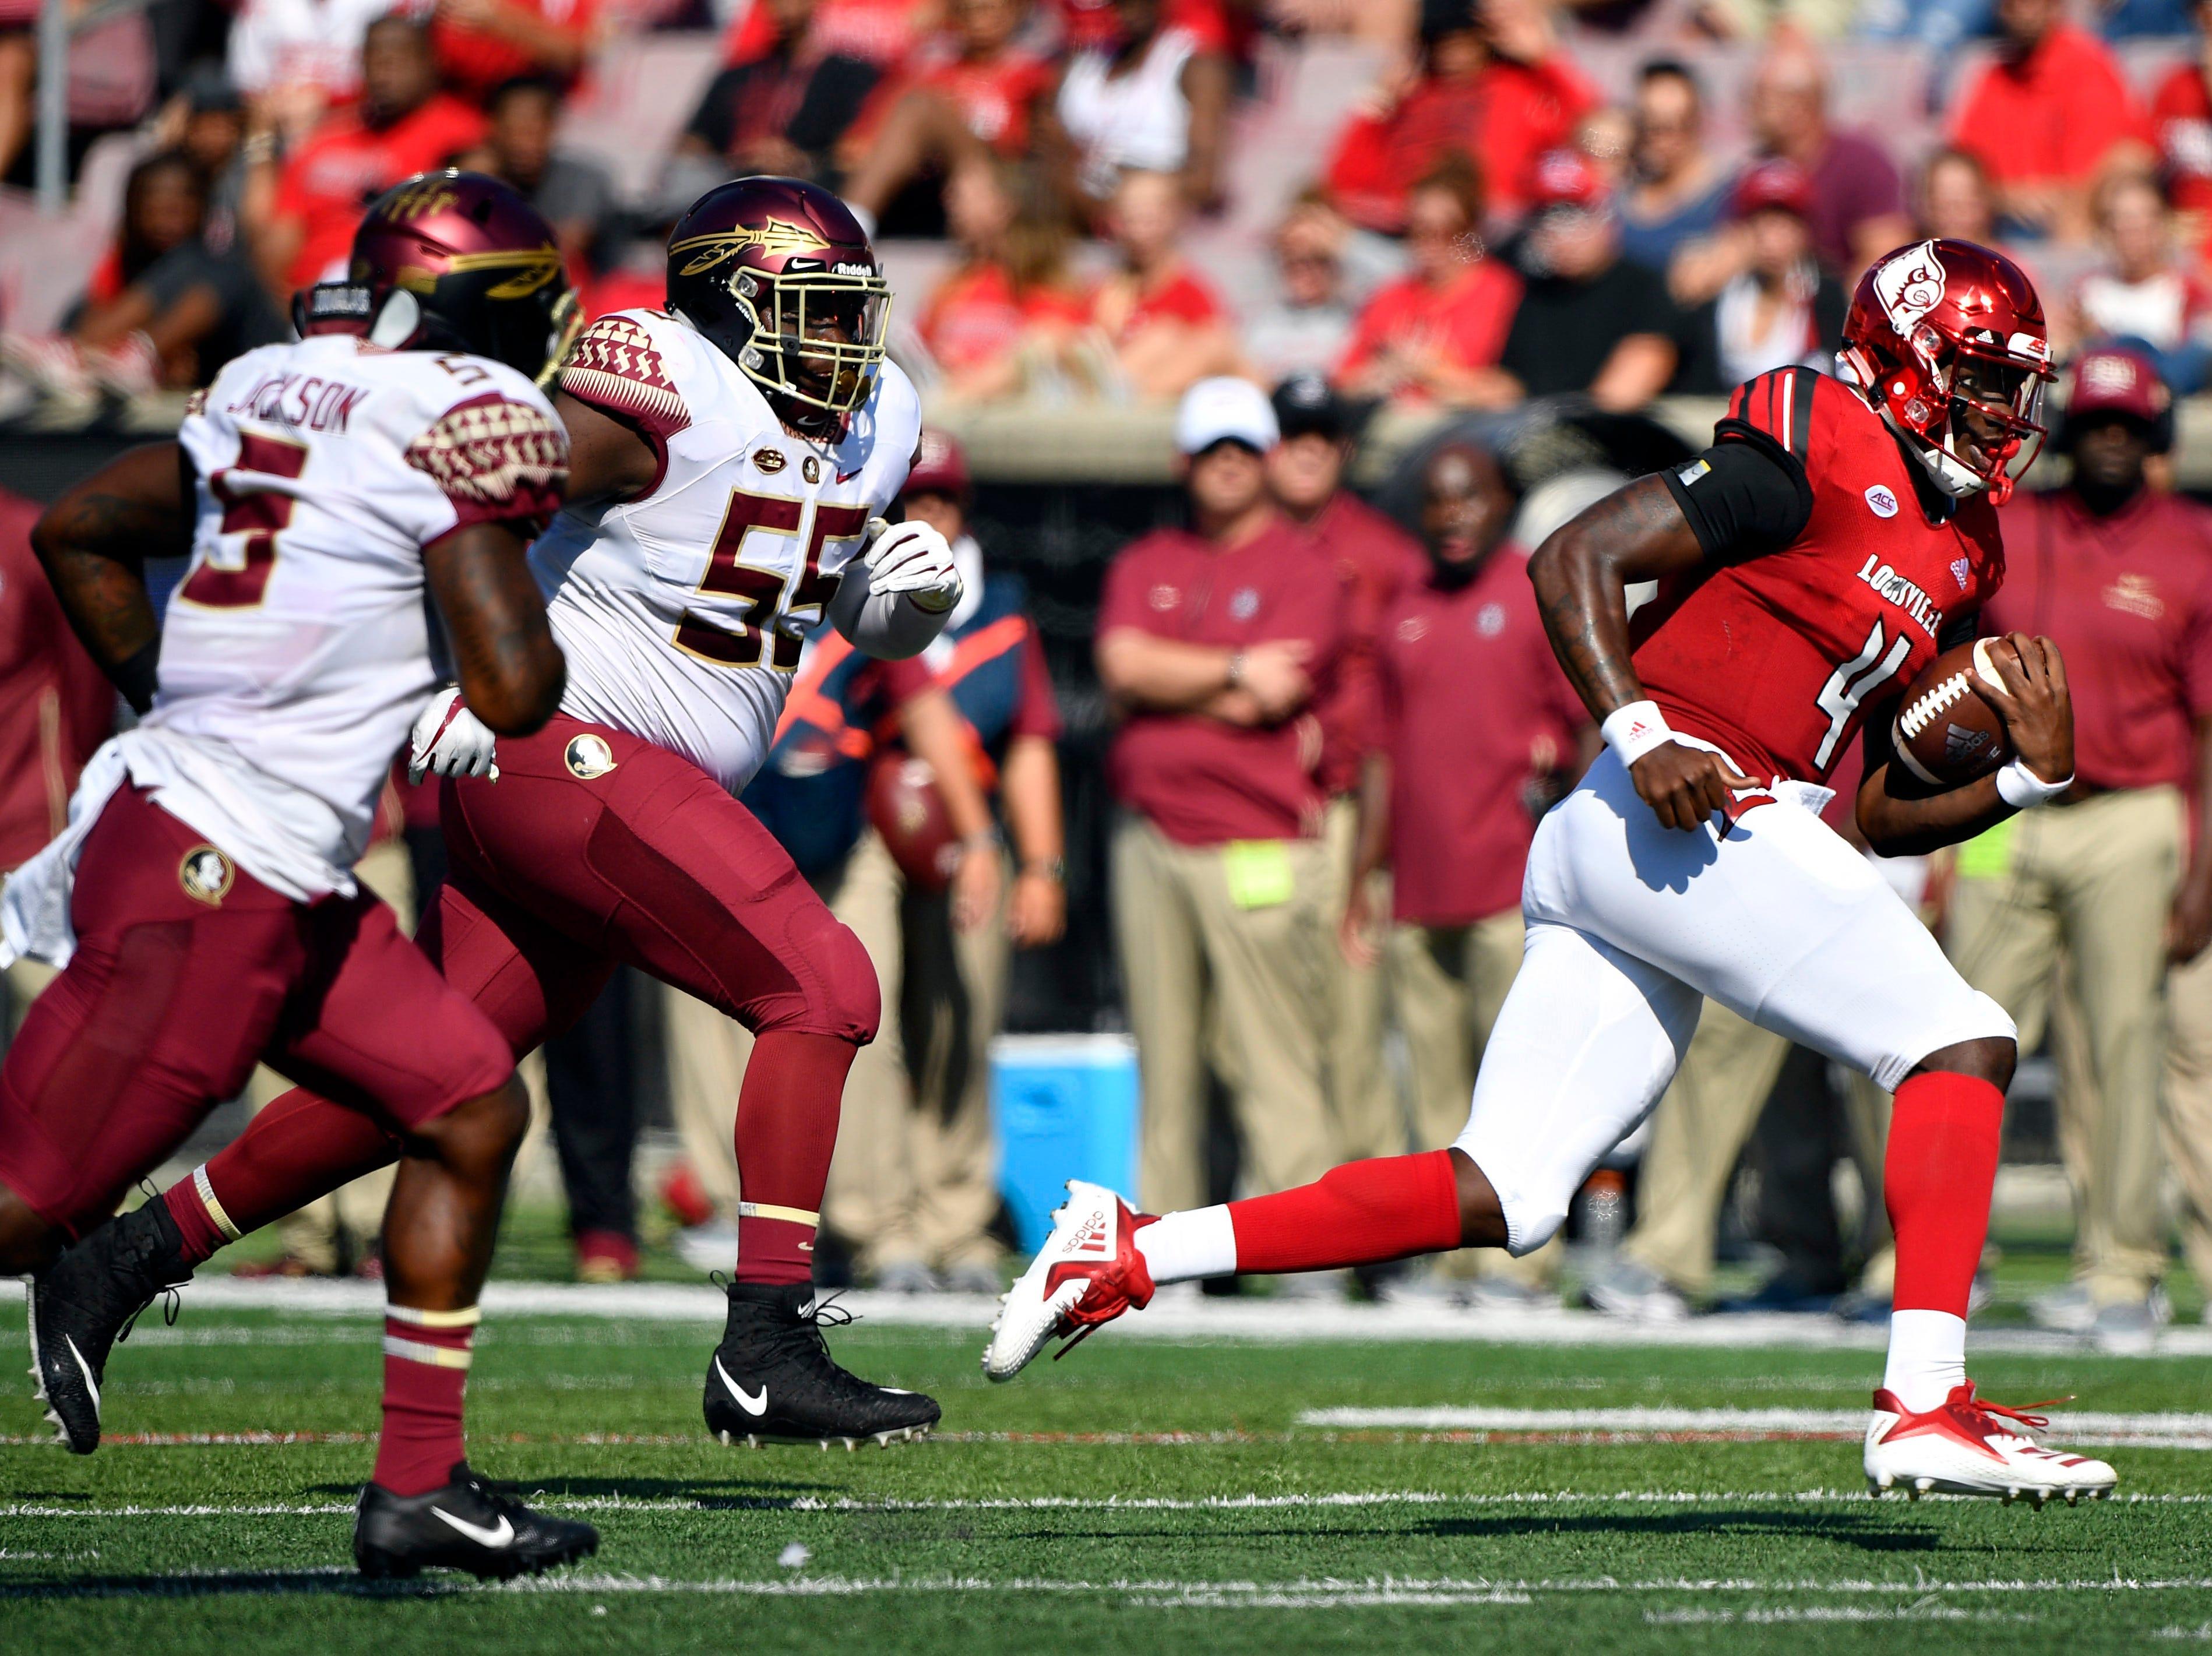 Louisville Cardinals quarterback Jawon Pass (4) runs the ball past Florida State Seminoles defensive tackle Fredrick Jones (55) during first quarter at Cardinal Stadium.